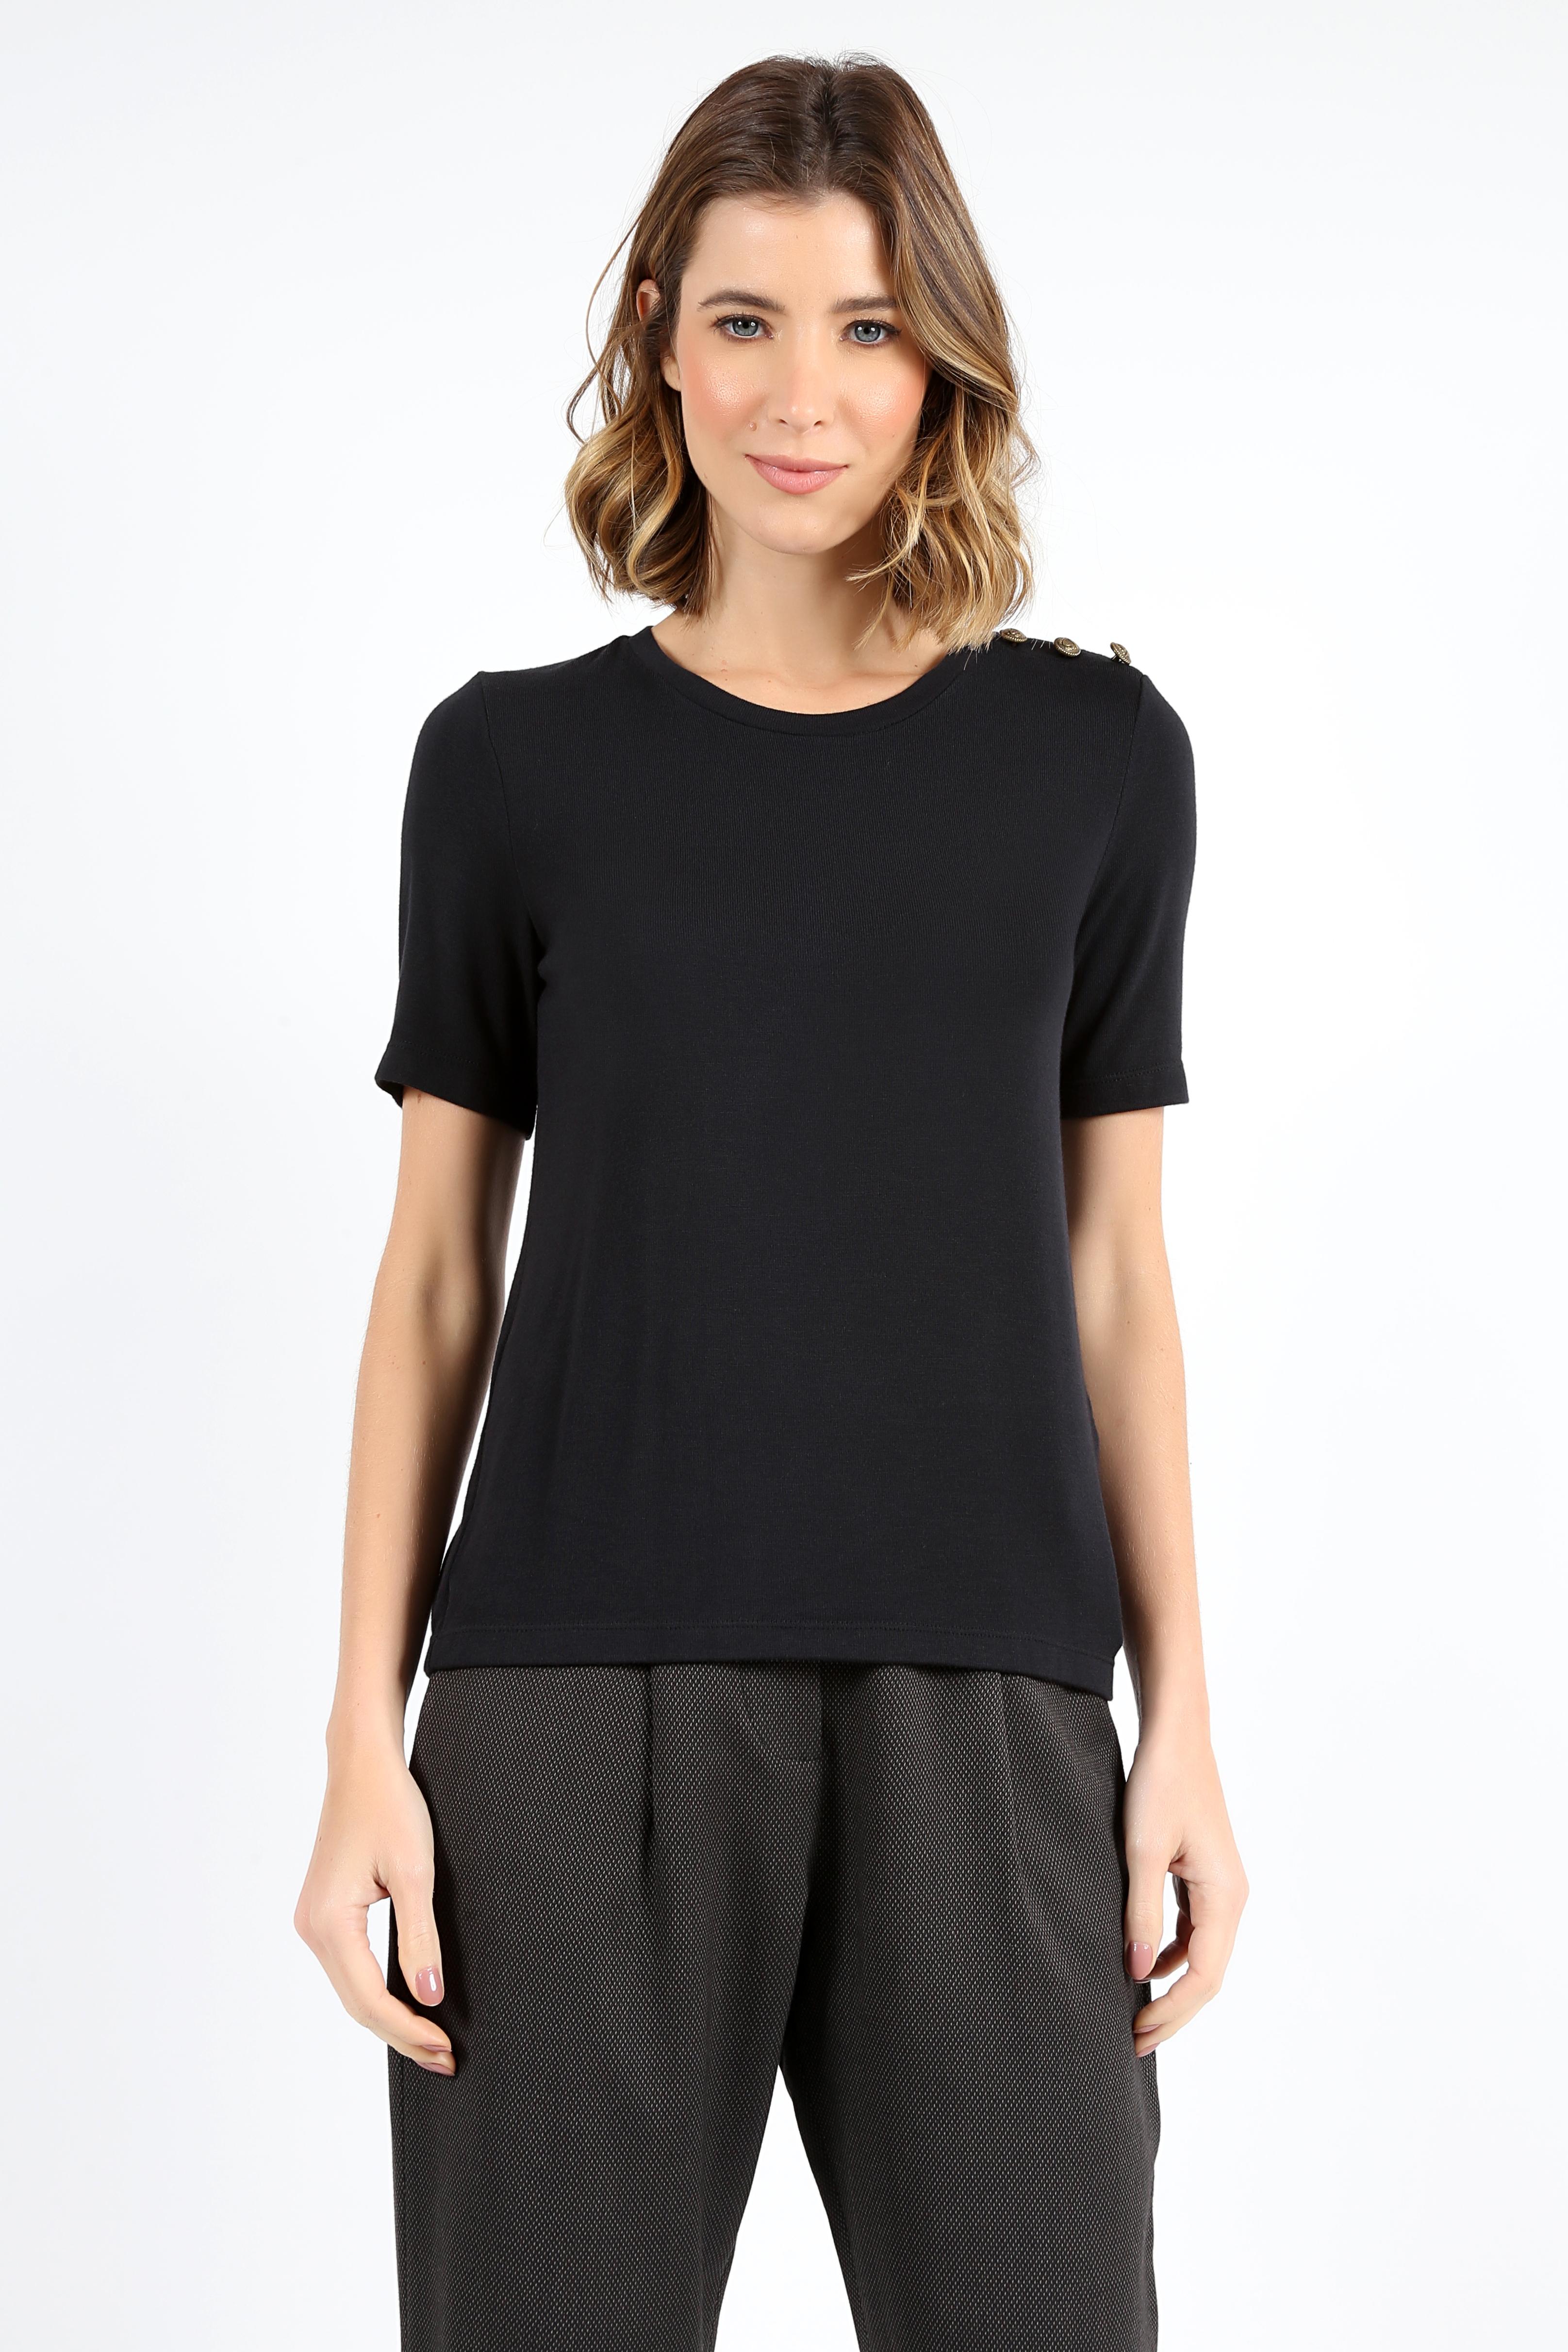 Camiseta Tres Botões Ombro Preta